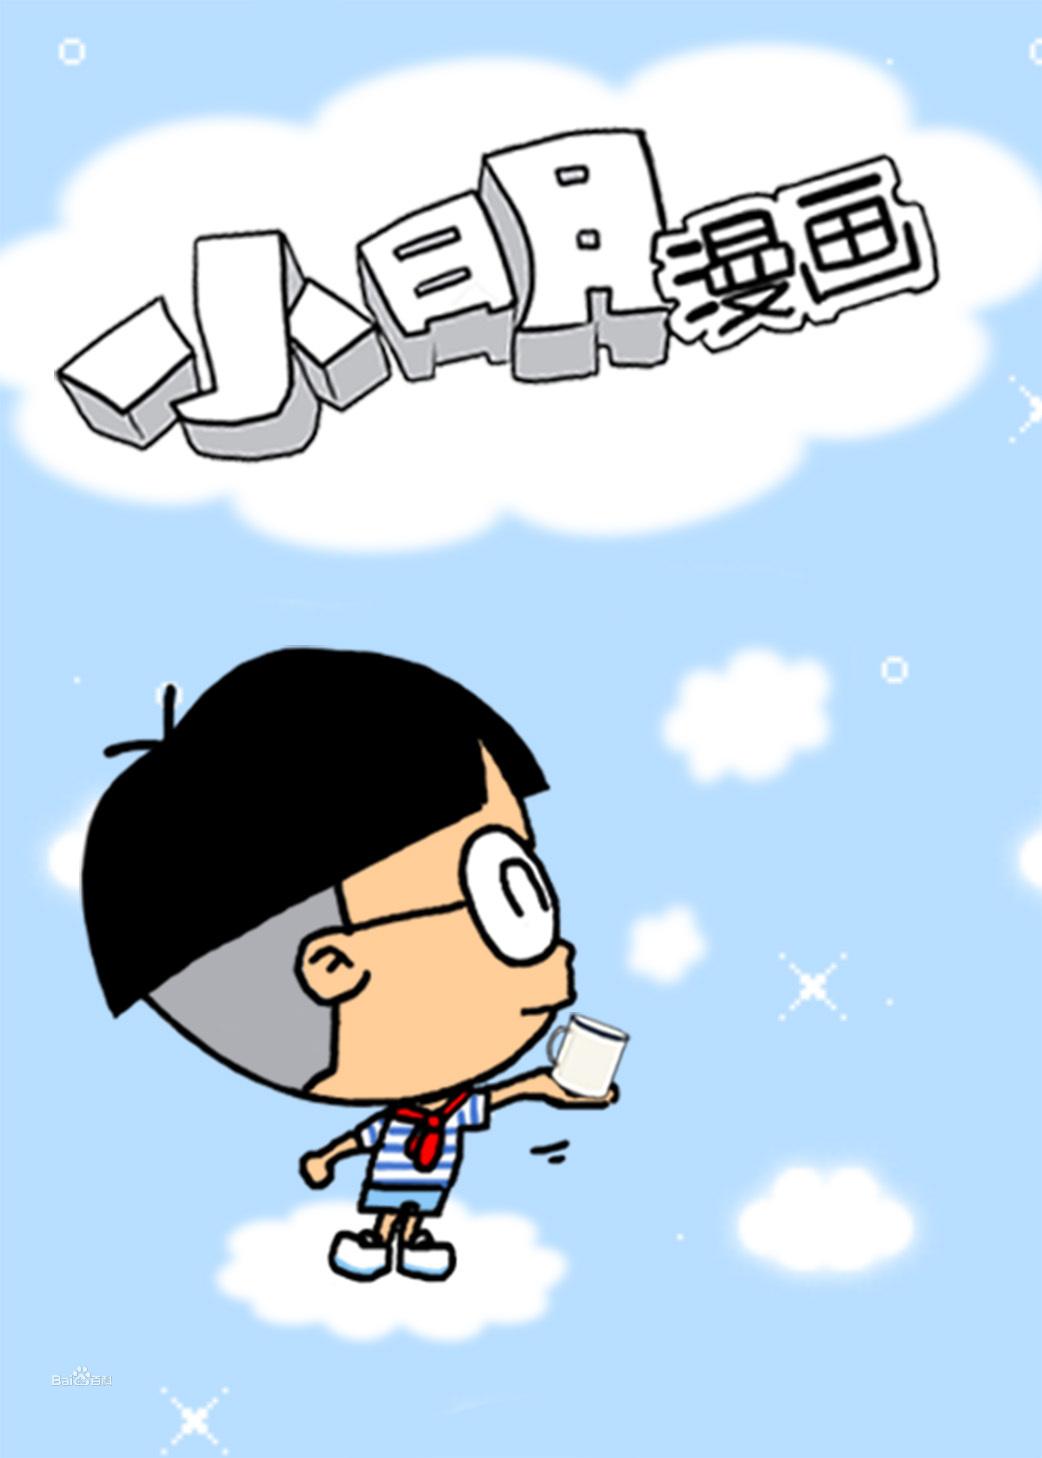 小明系列漫画_百度百科